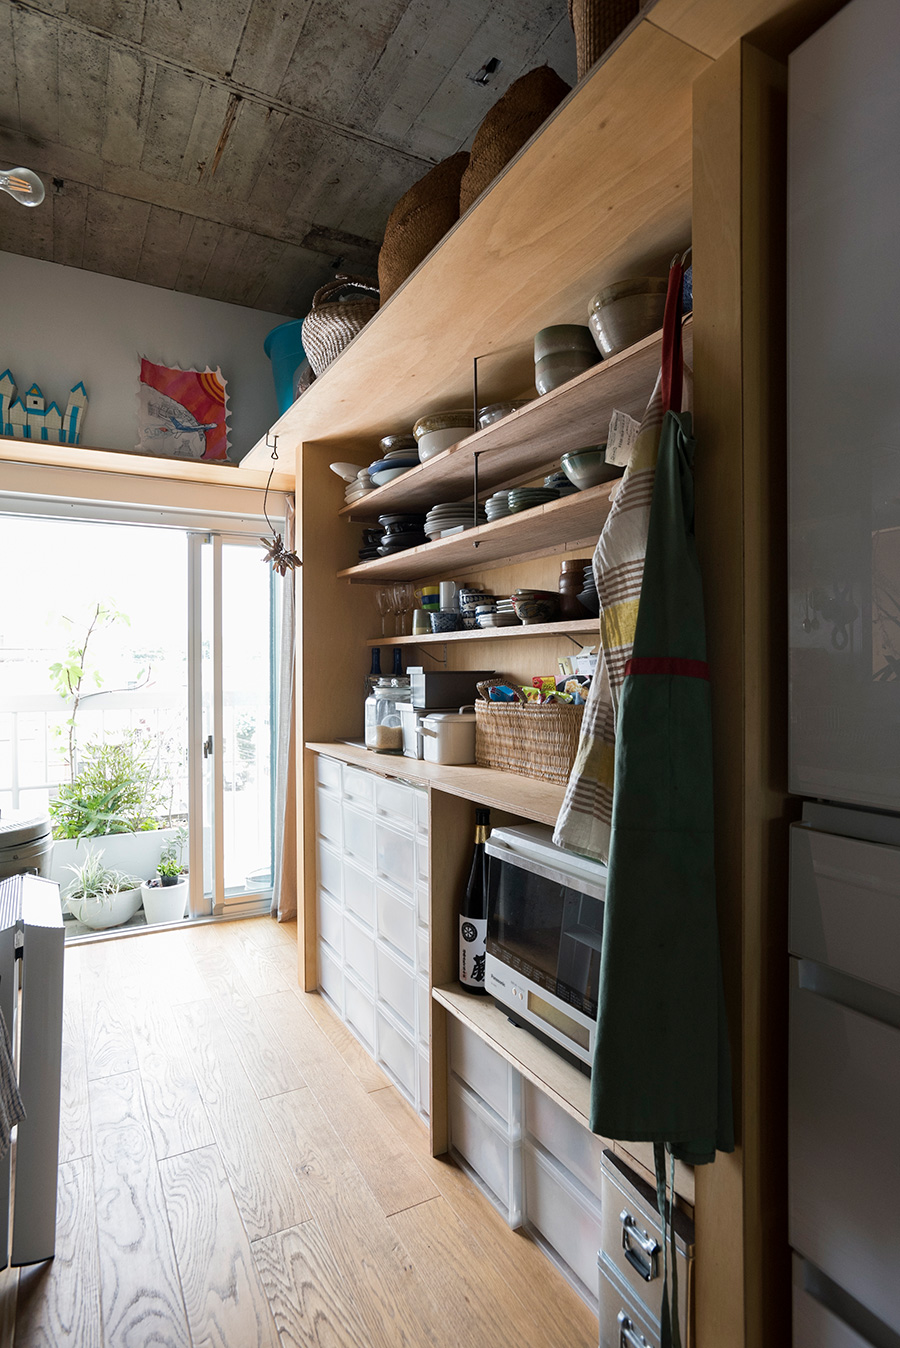 DIYで作った食器棚。収納ケースがぴったり収まるようサイズを計測した。